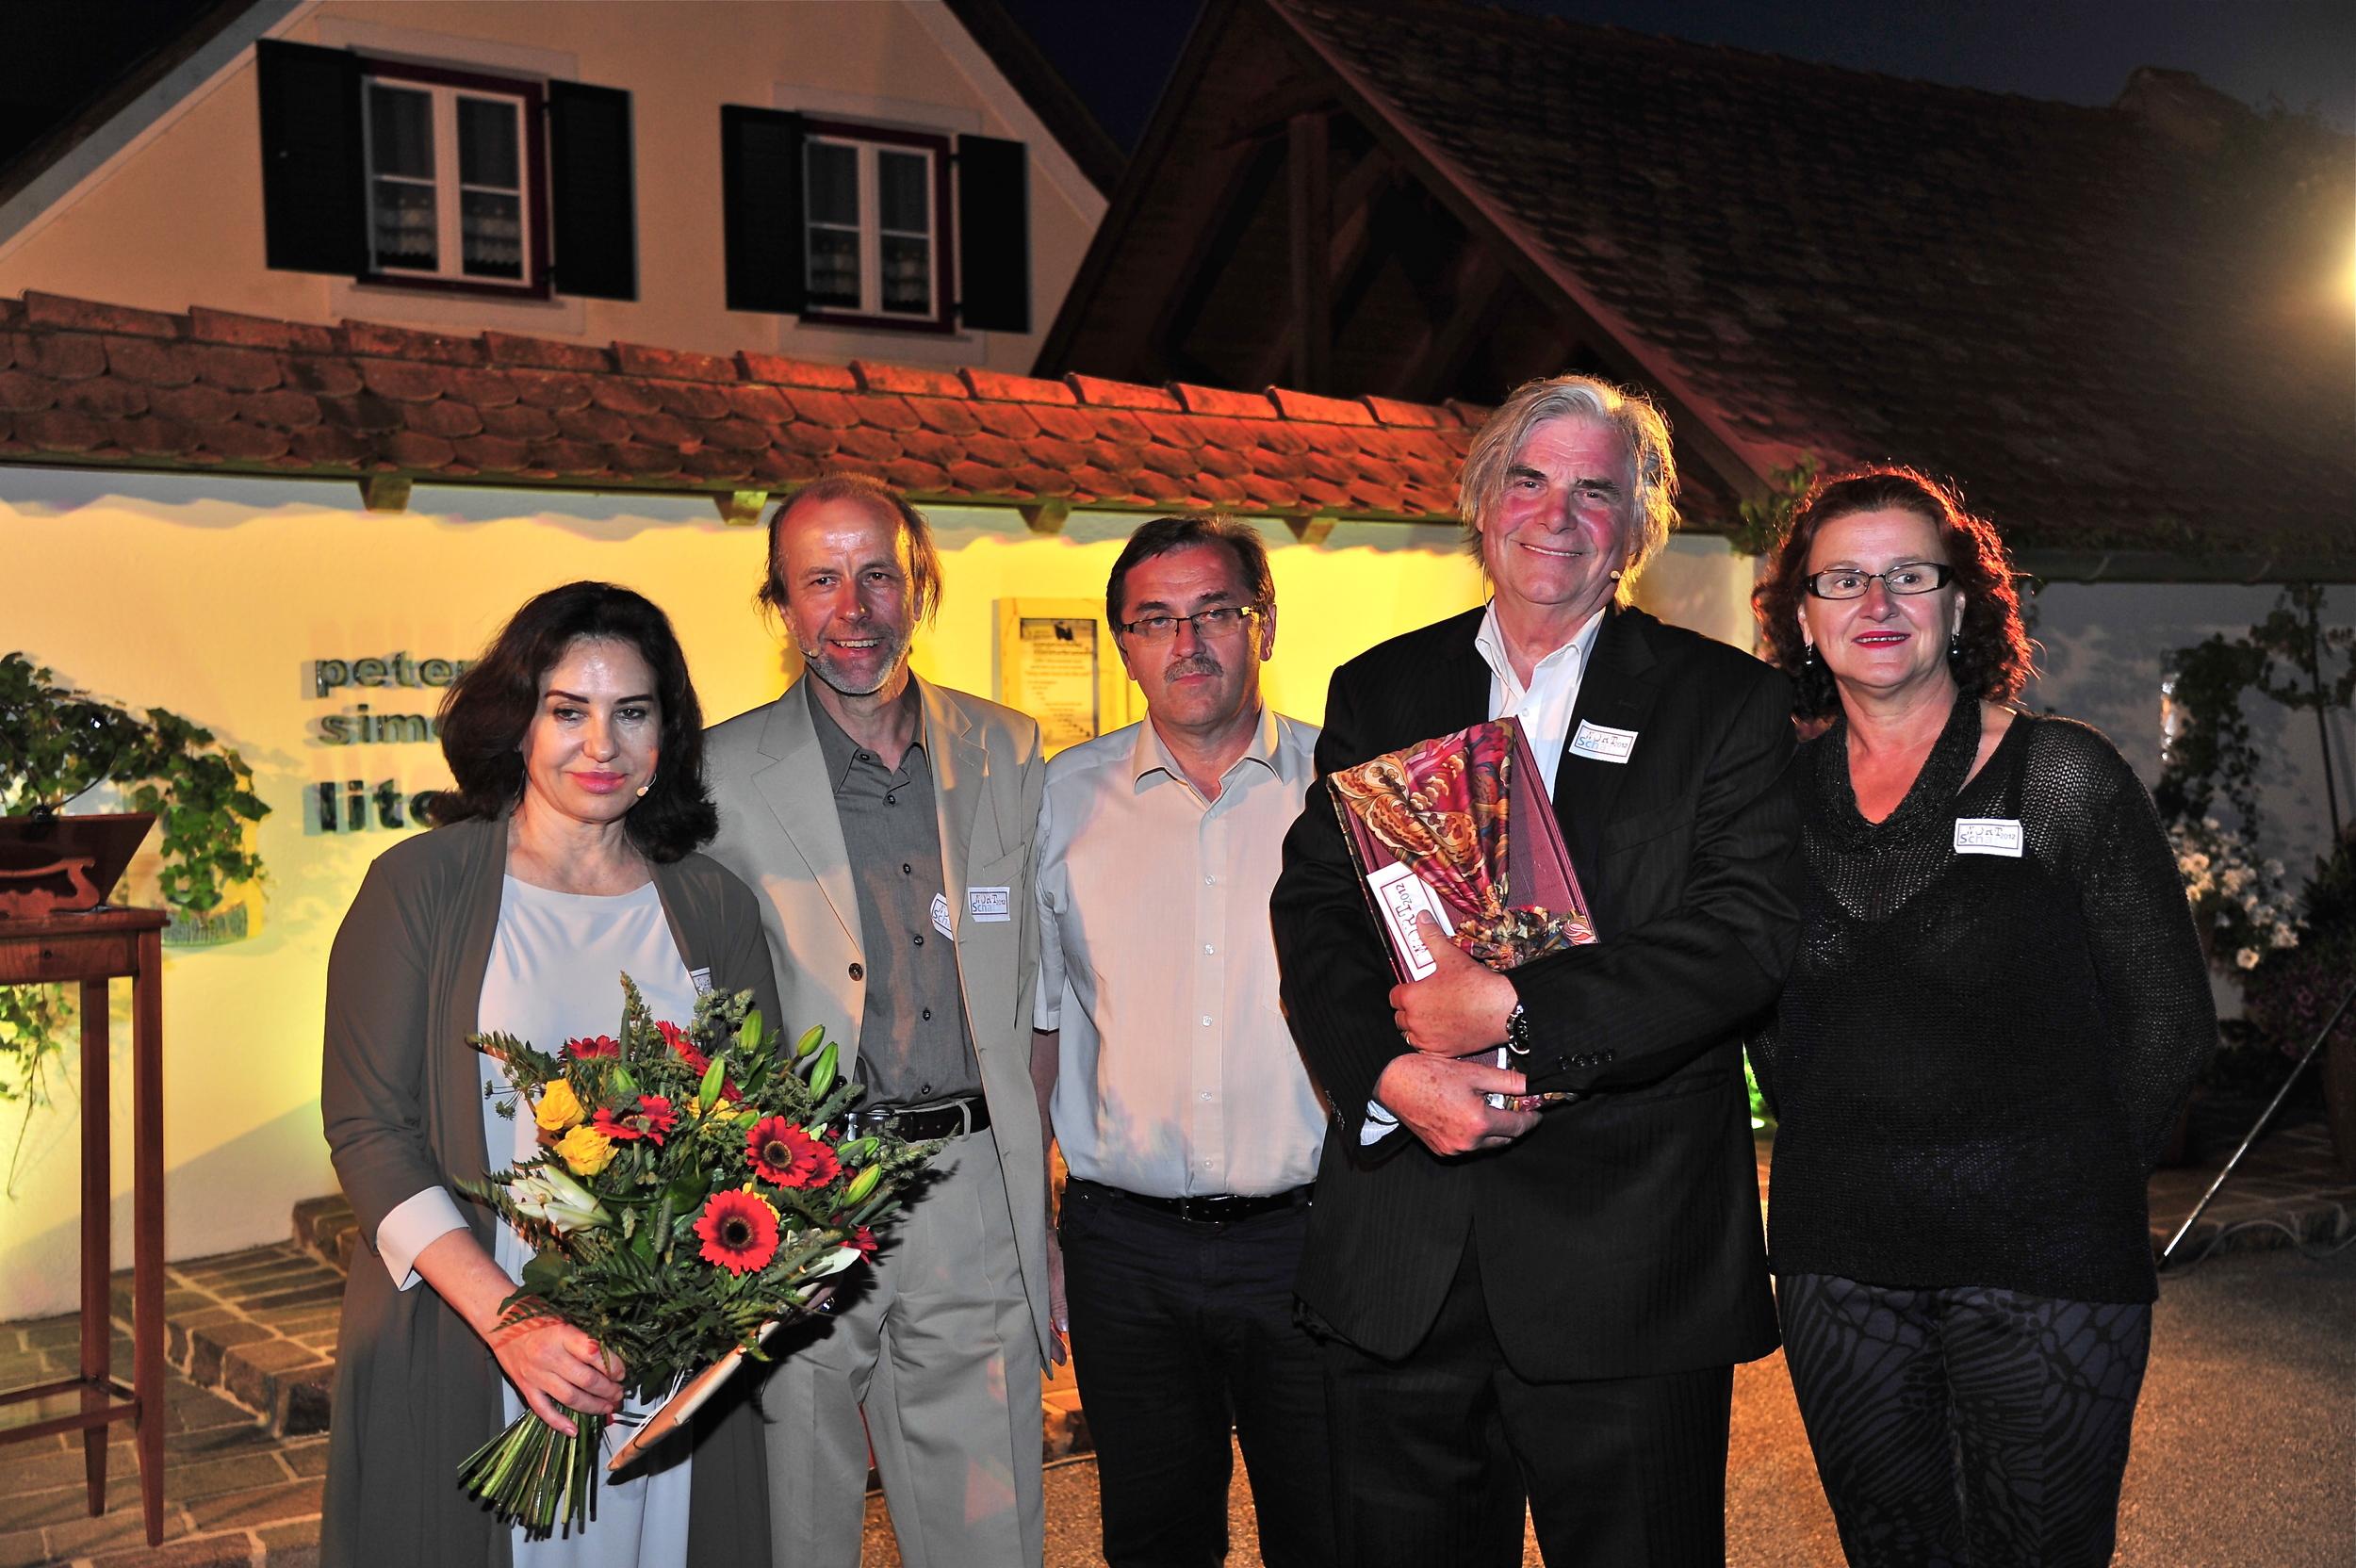 Brigitte Karner, Werner Sonnleitner, Bgm. Otmar Hiebaum, Peter Simonischek, Christa Sonnleitner, Wortschatz 2012 Literaturwettbewerb